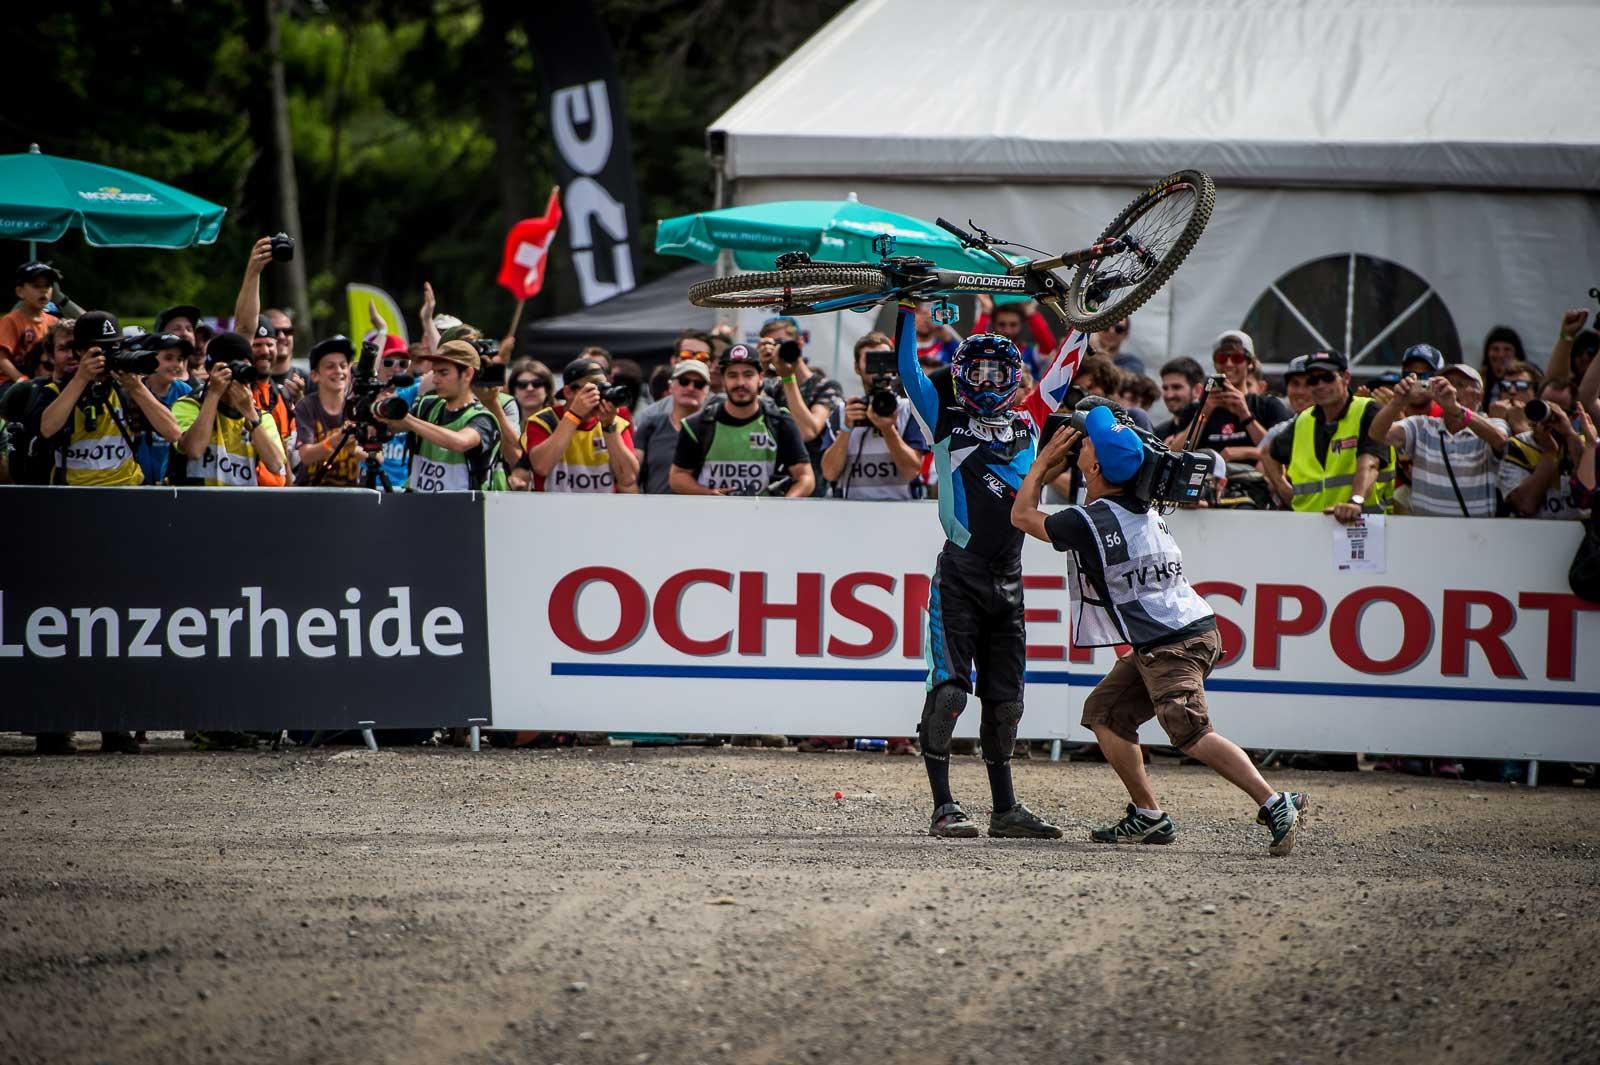 Danny Hart gewinnt den Weltcup in Lenzerheide mit seinem Mondraker Summum Carbon Pro Team.